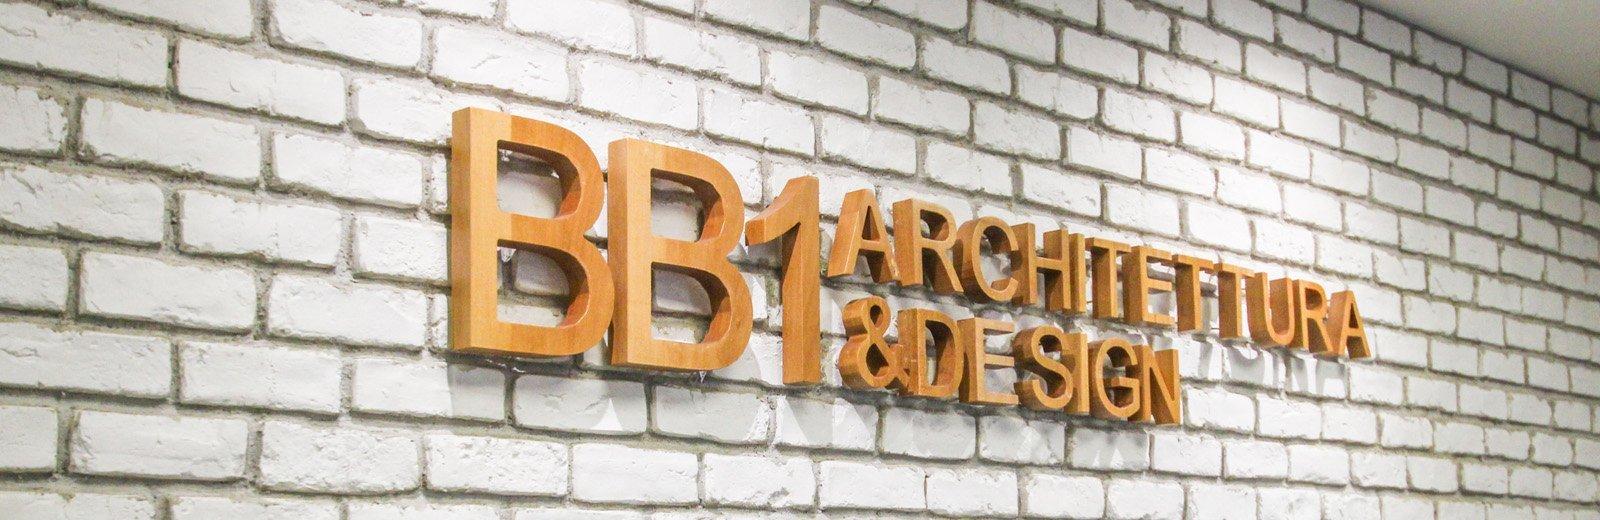 BB1 - Studio Architettura